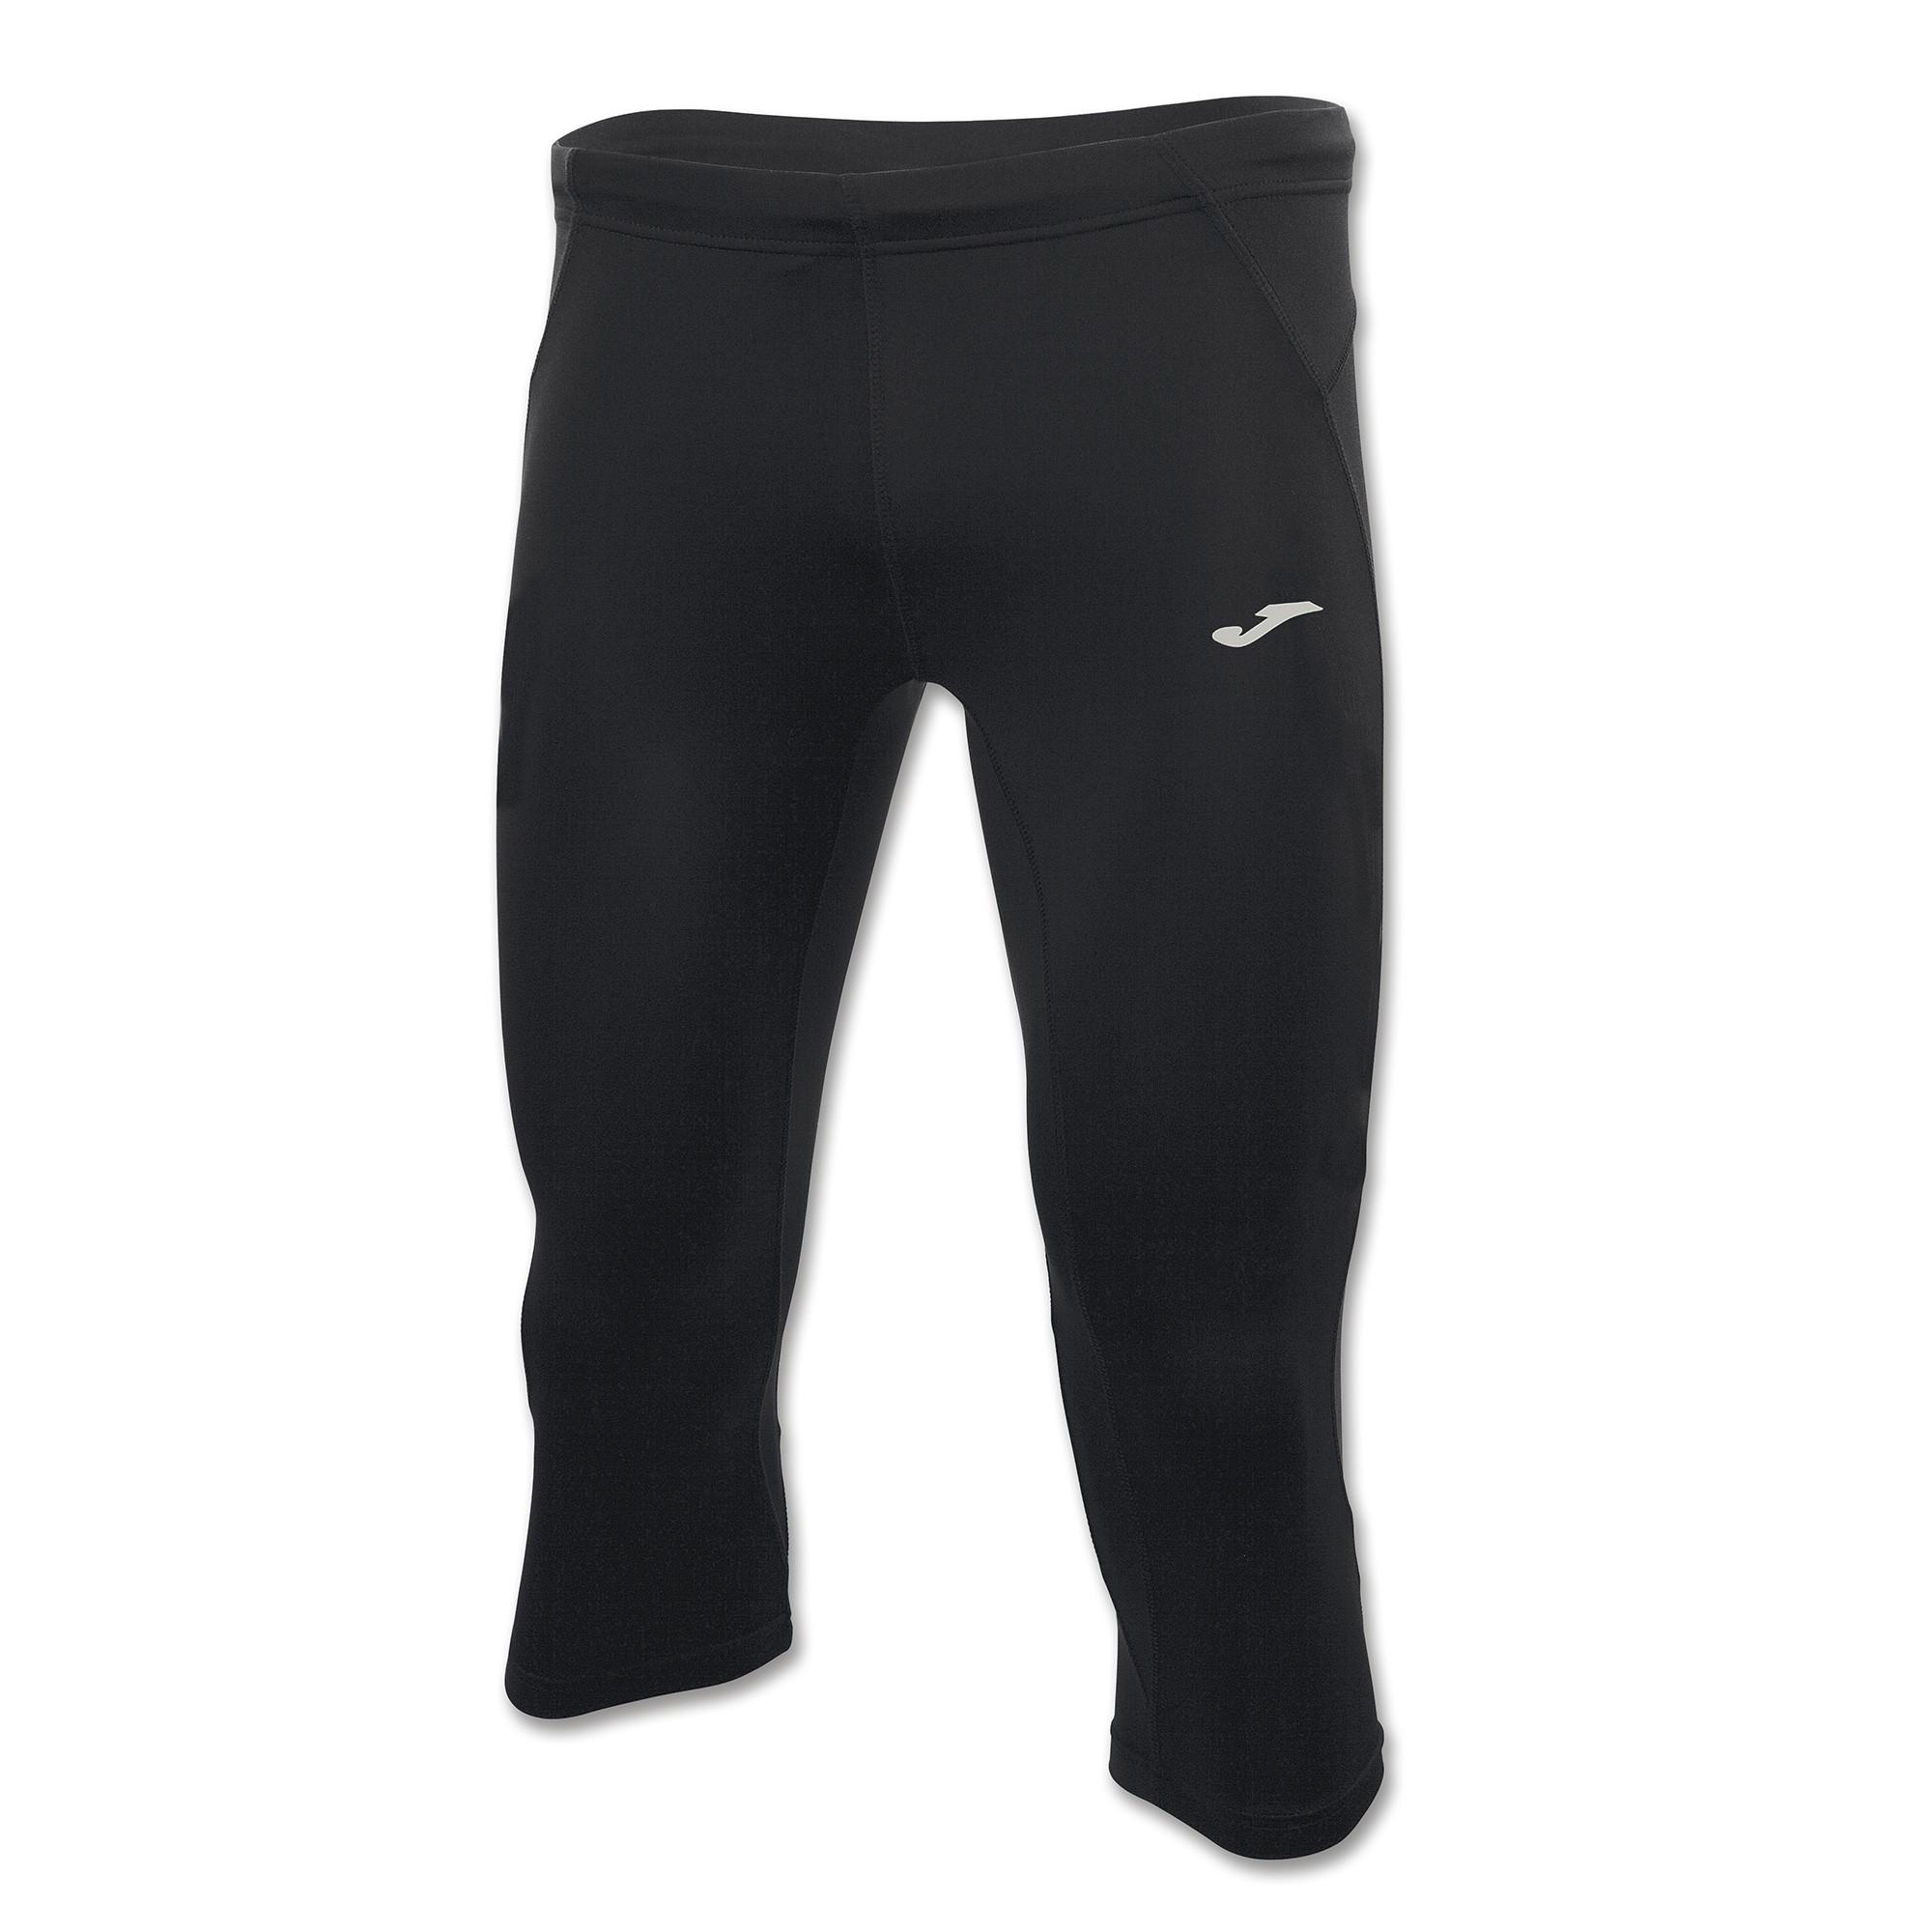 Spodnie męskie do biegania JOMA OLIMPIA